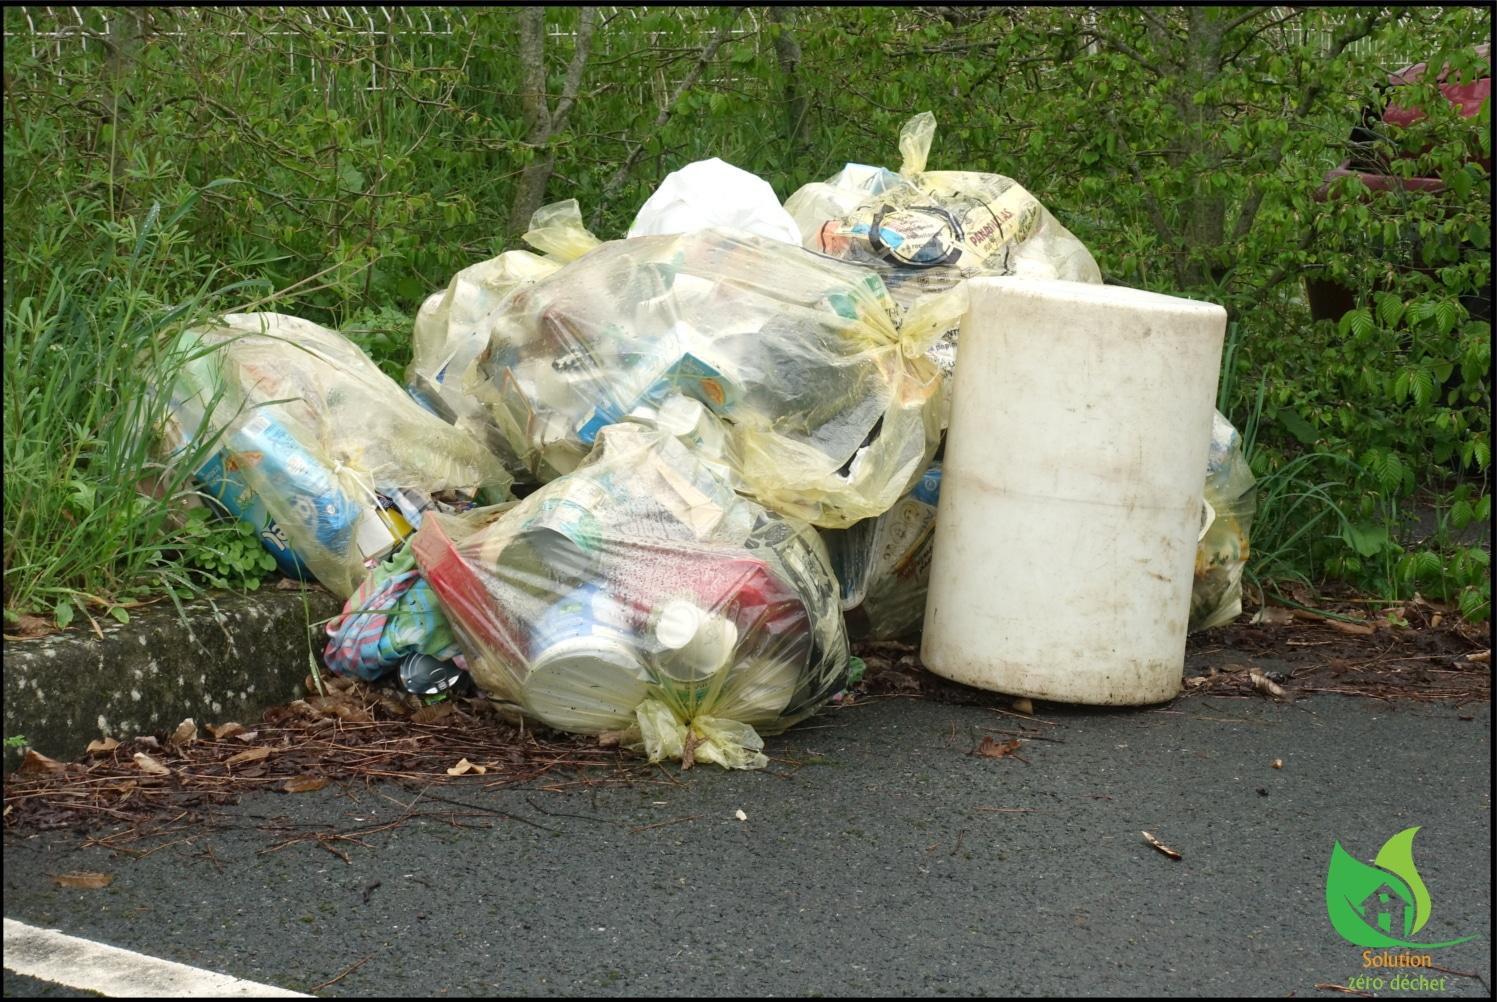 déchets laissés à l'abandon